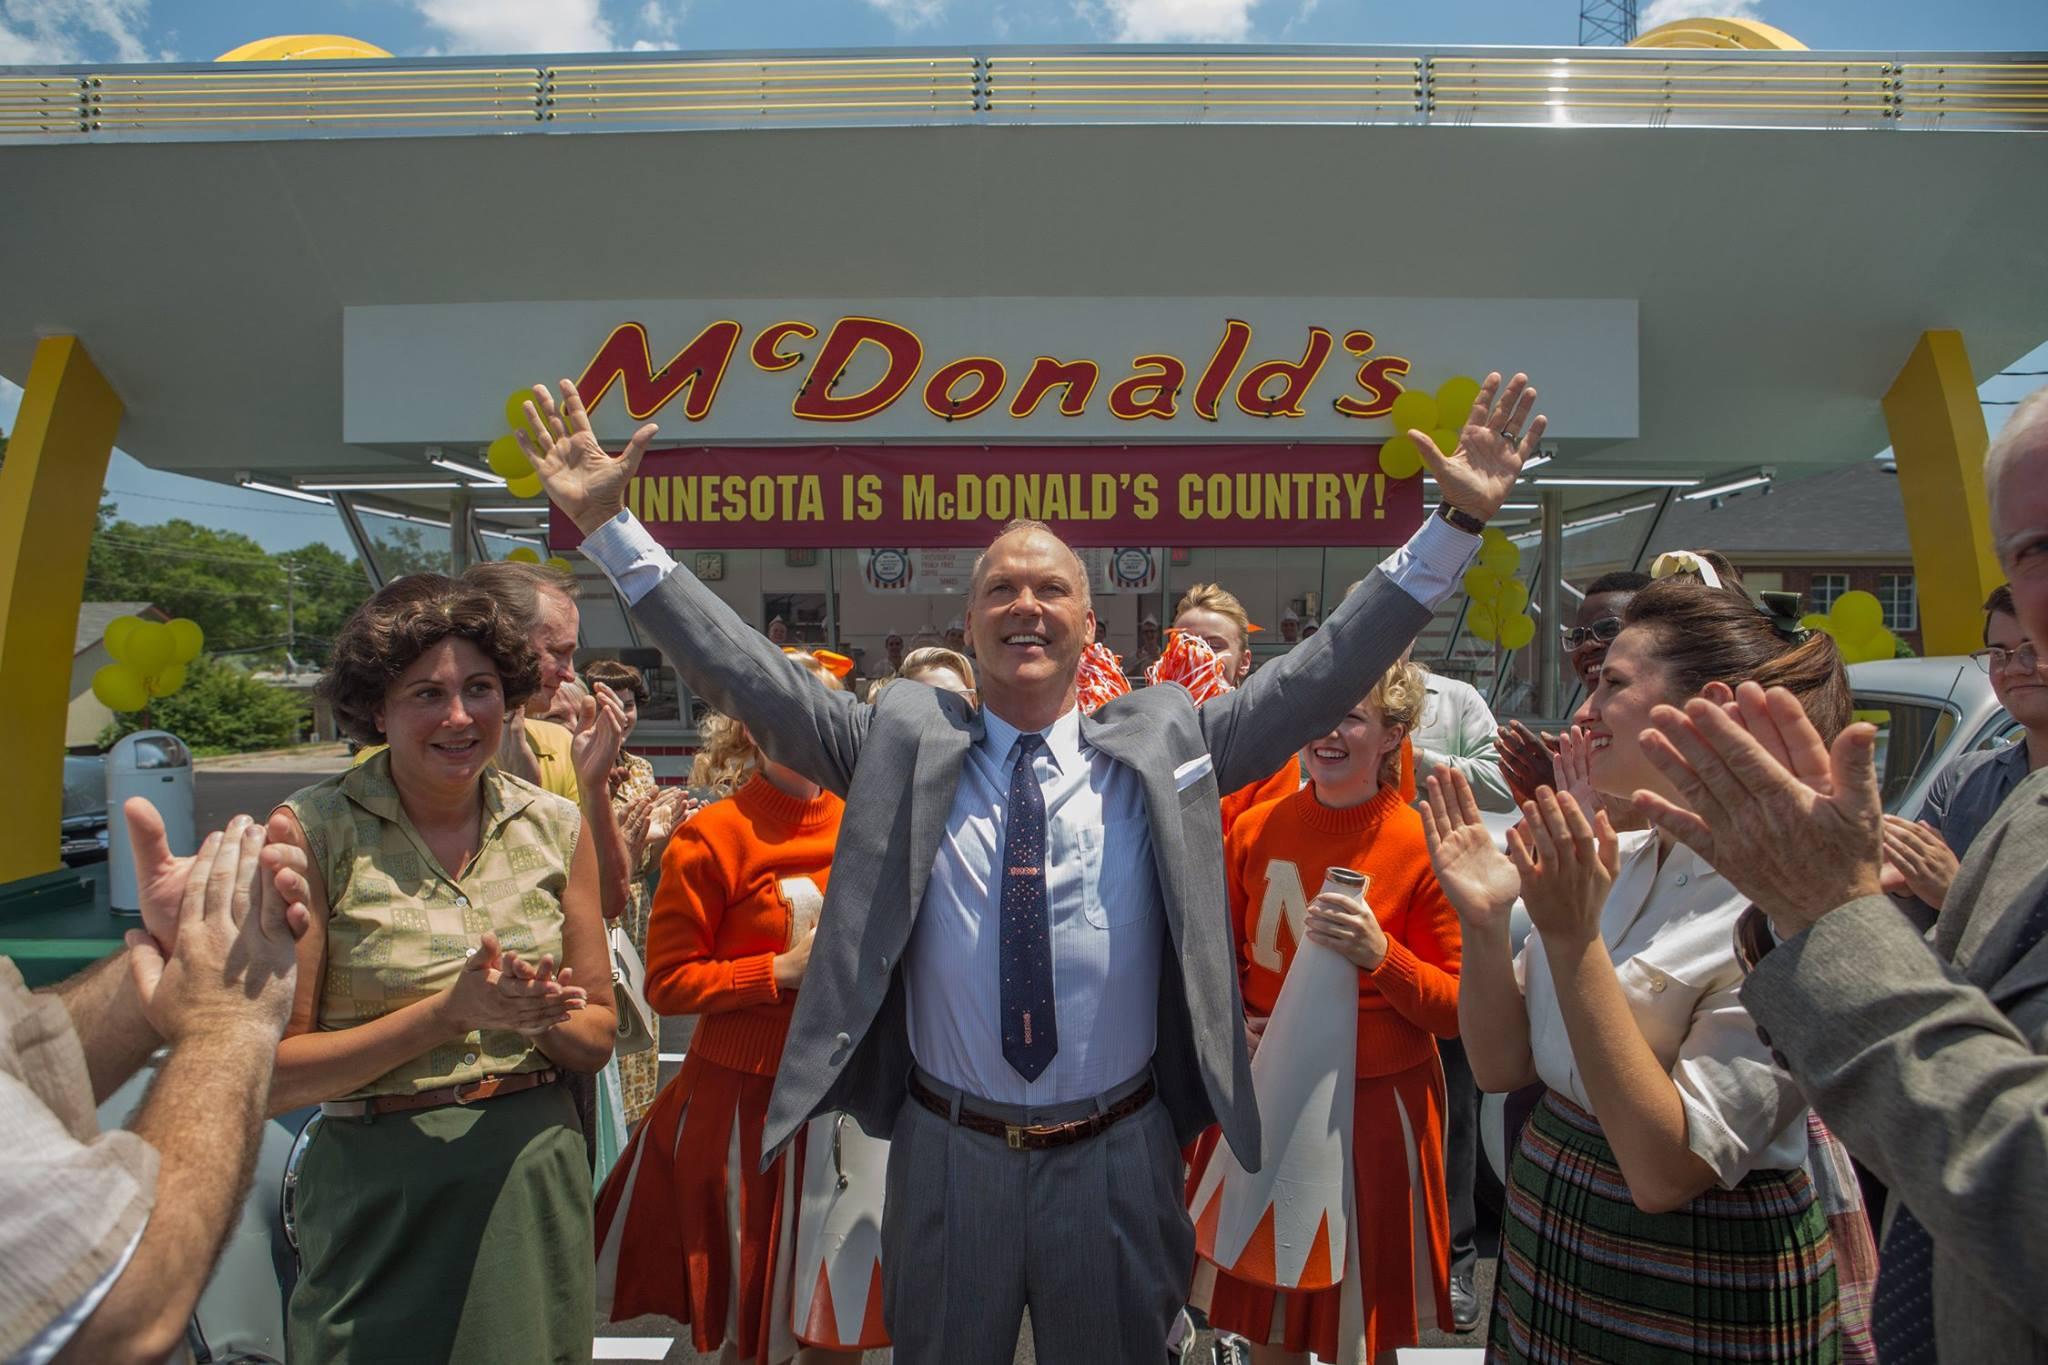 Michael Keaton: da spiritello porcello a fondatore del McDonald's